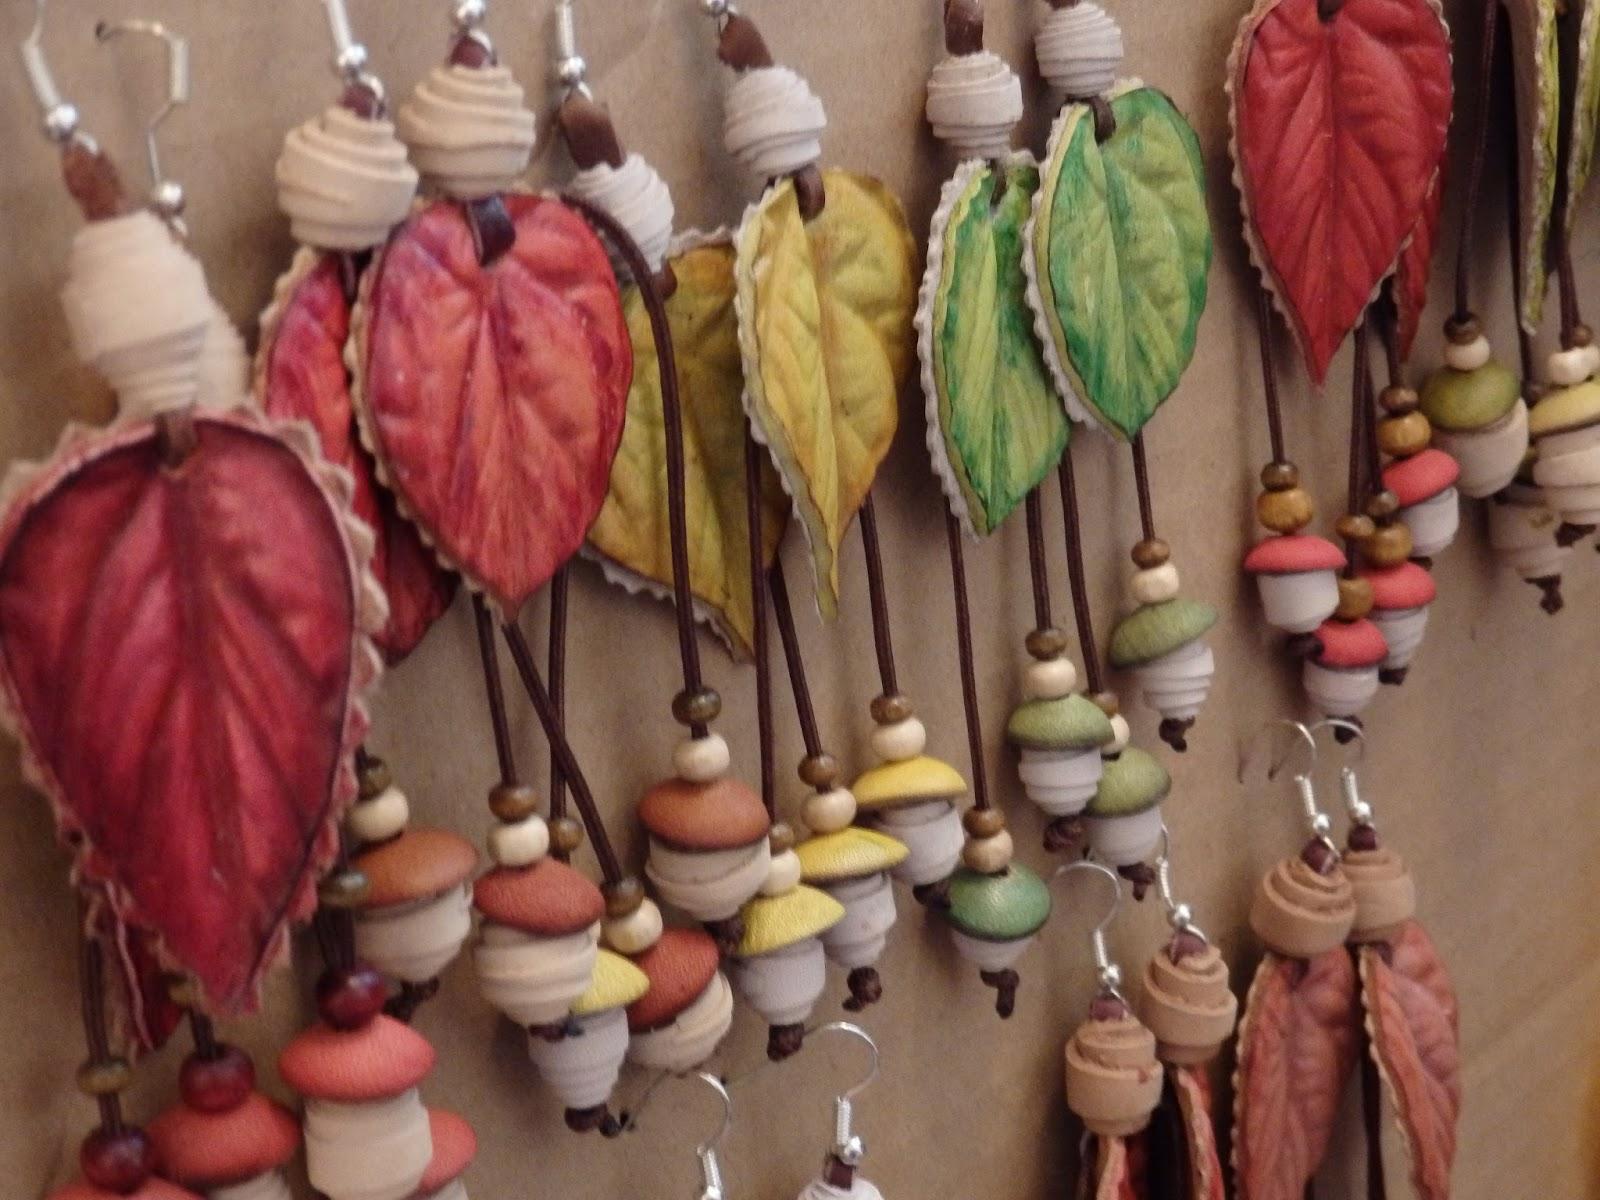 выставка, театр вещей, Калуга, листья, кожа